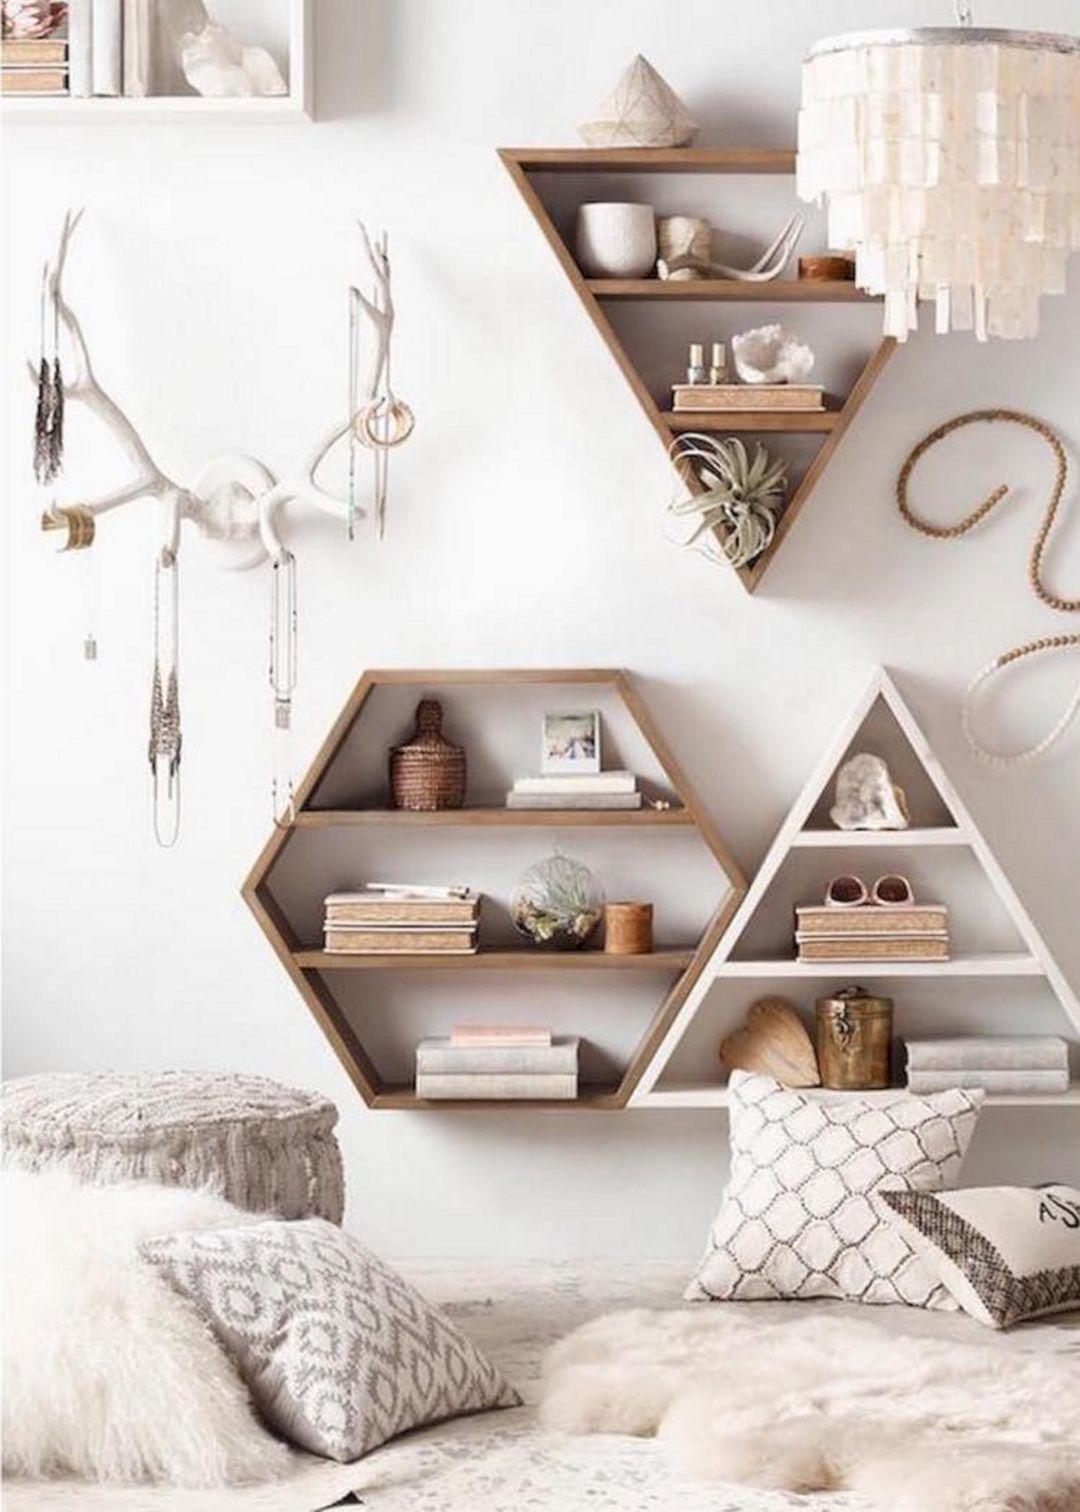 Inspiring DIY Craft Living Room